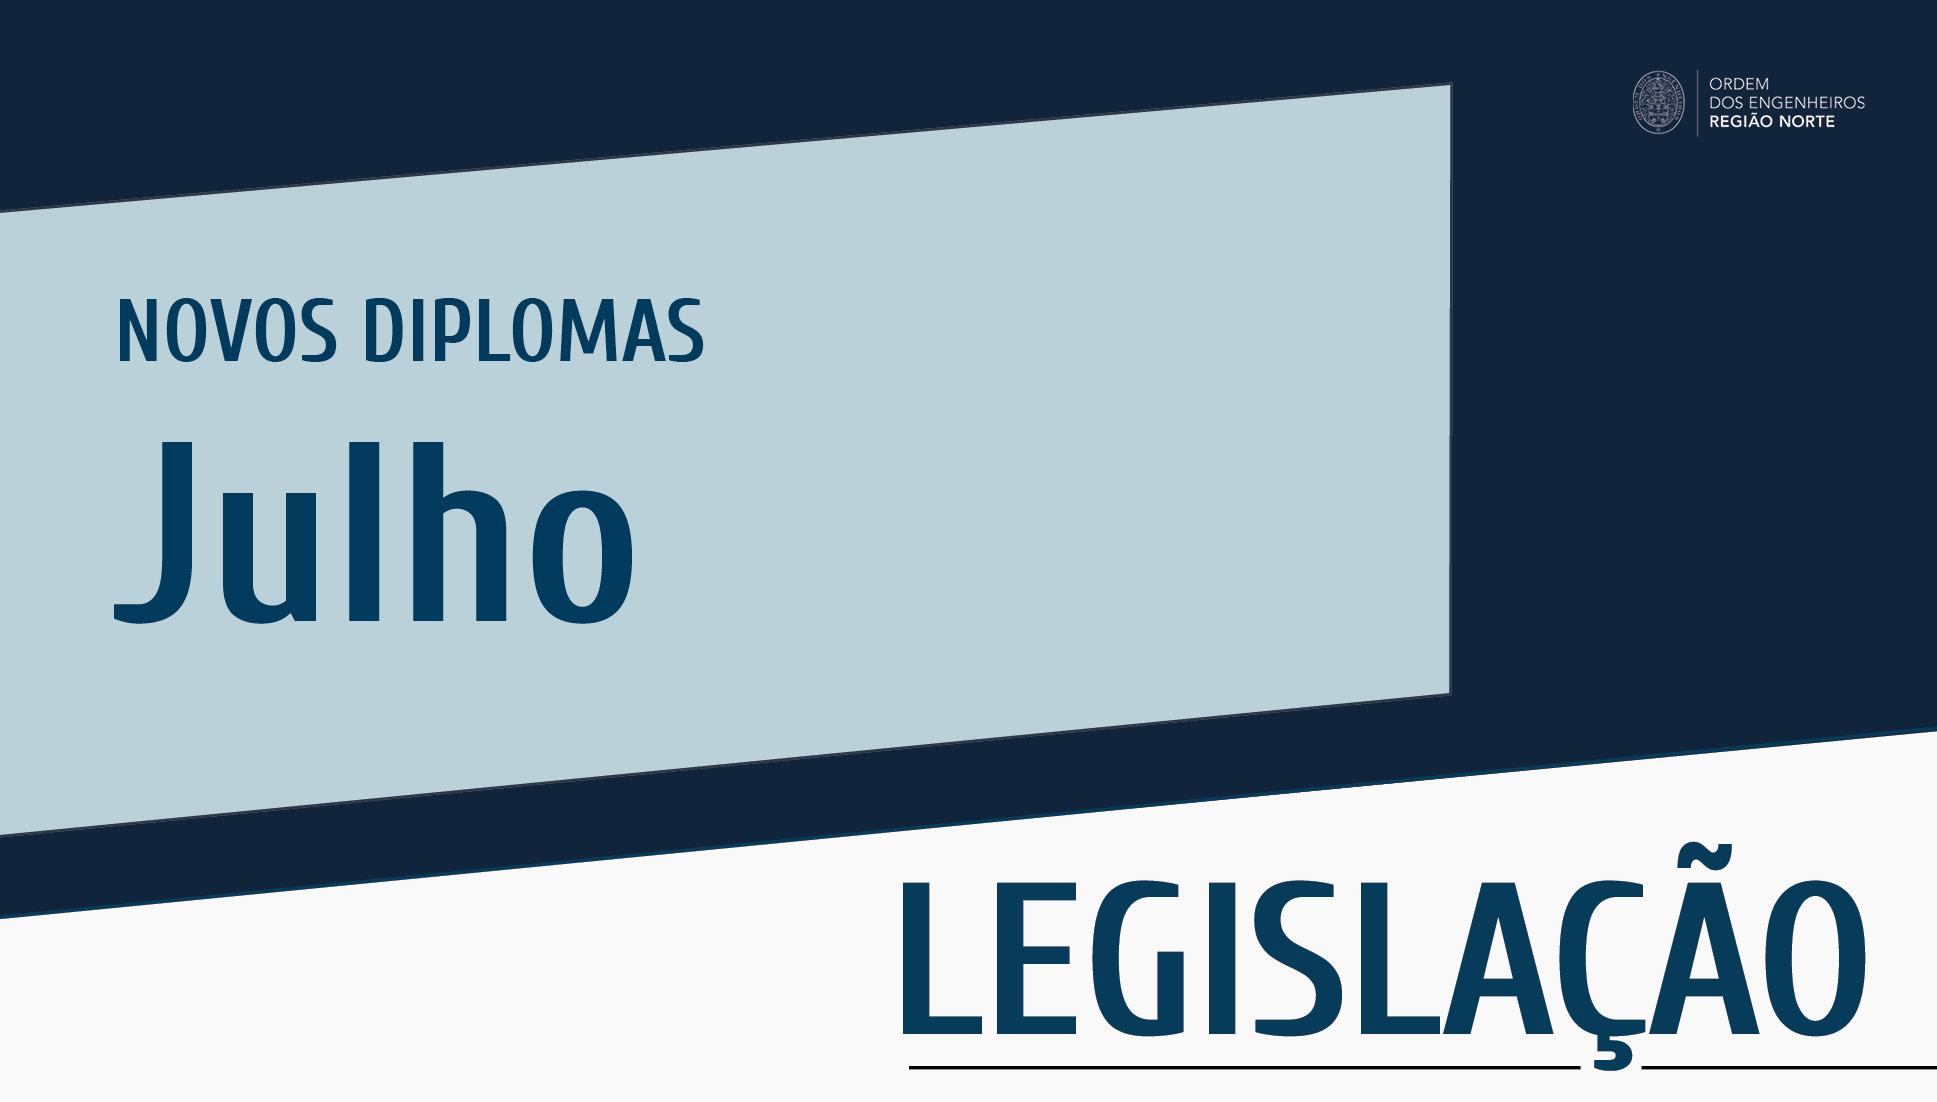 Plataforma Notícias Ordem Engenheiros Região Norte - Novos diplomas do mês de julho